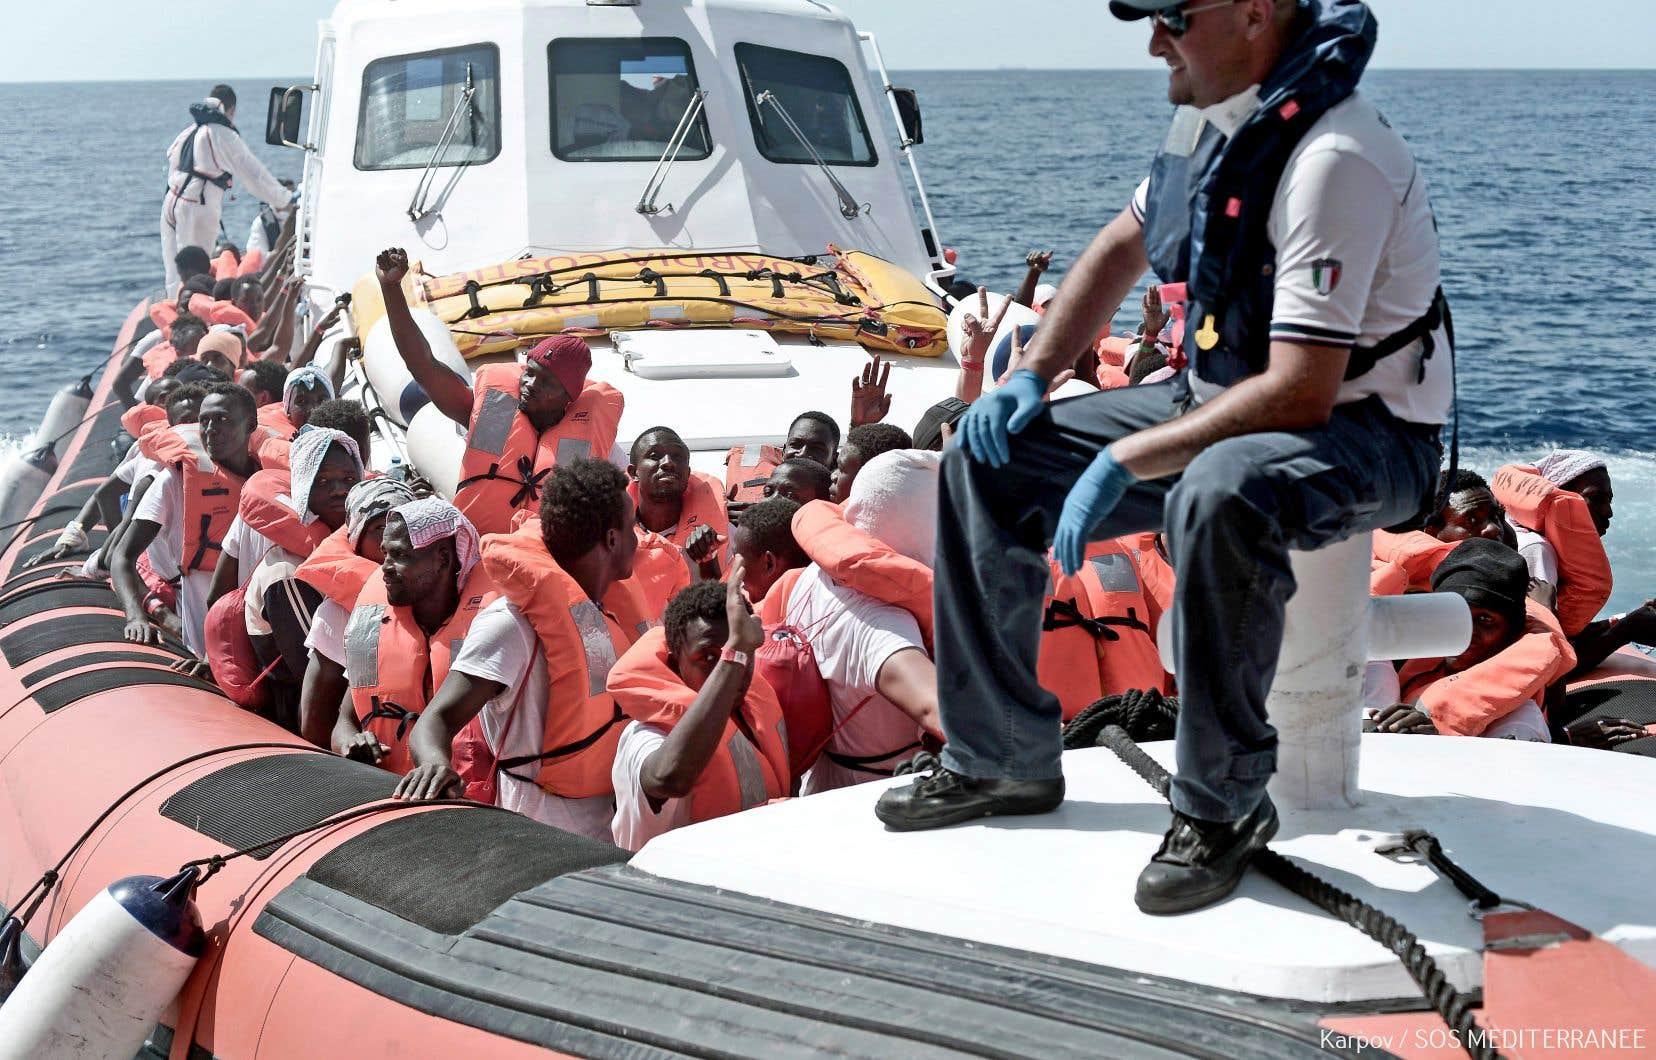 Les 629 migrants qui avaient été secourus par l'«Aquarius» ont été transférés dans des navires de la garde côtière italienne.